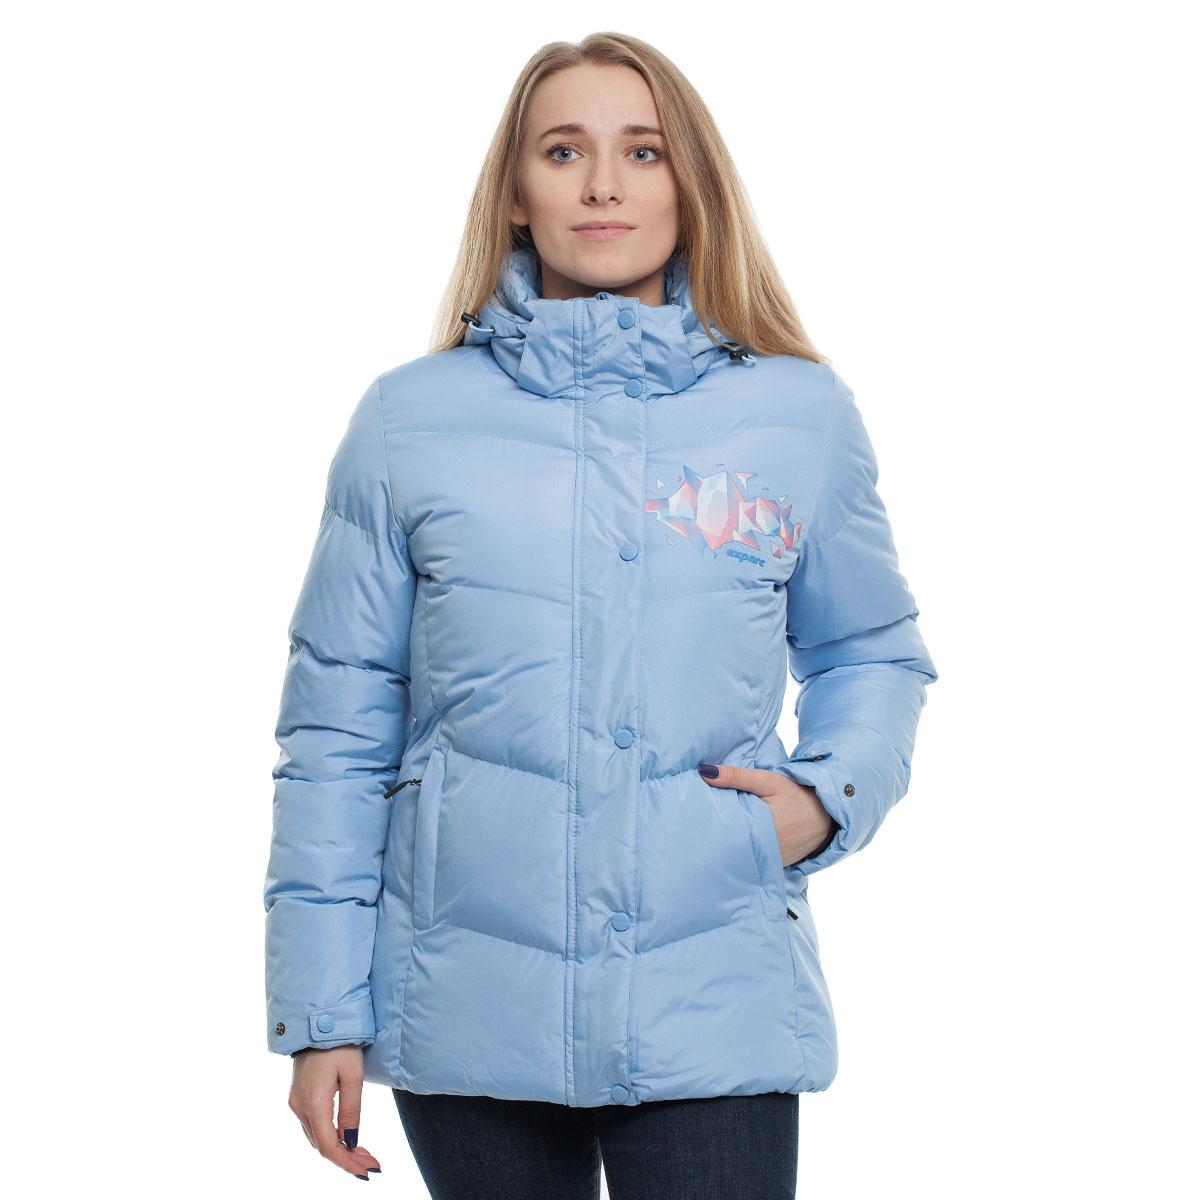 Куртка утепленная Exparc, DH-21014 куртка утепленная exparc dh 21015